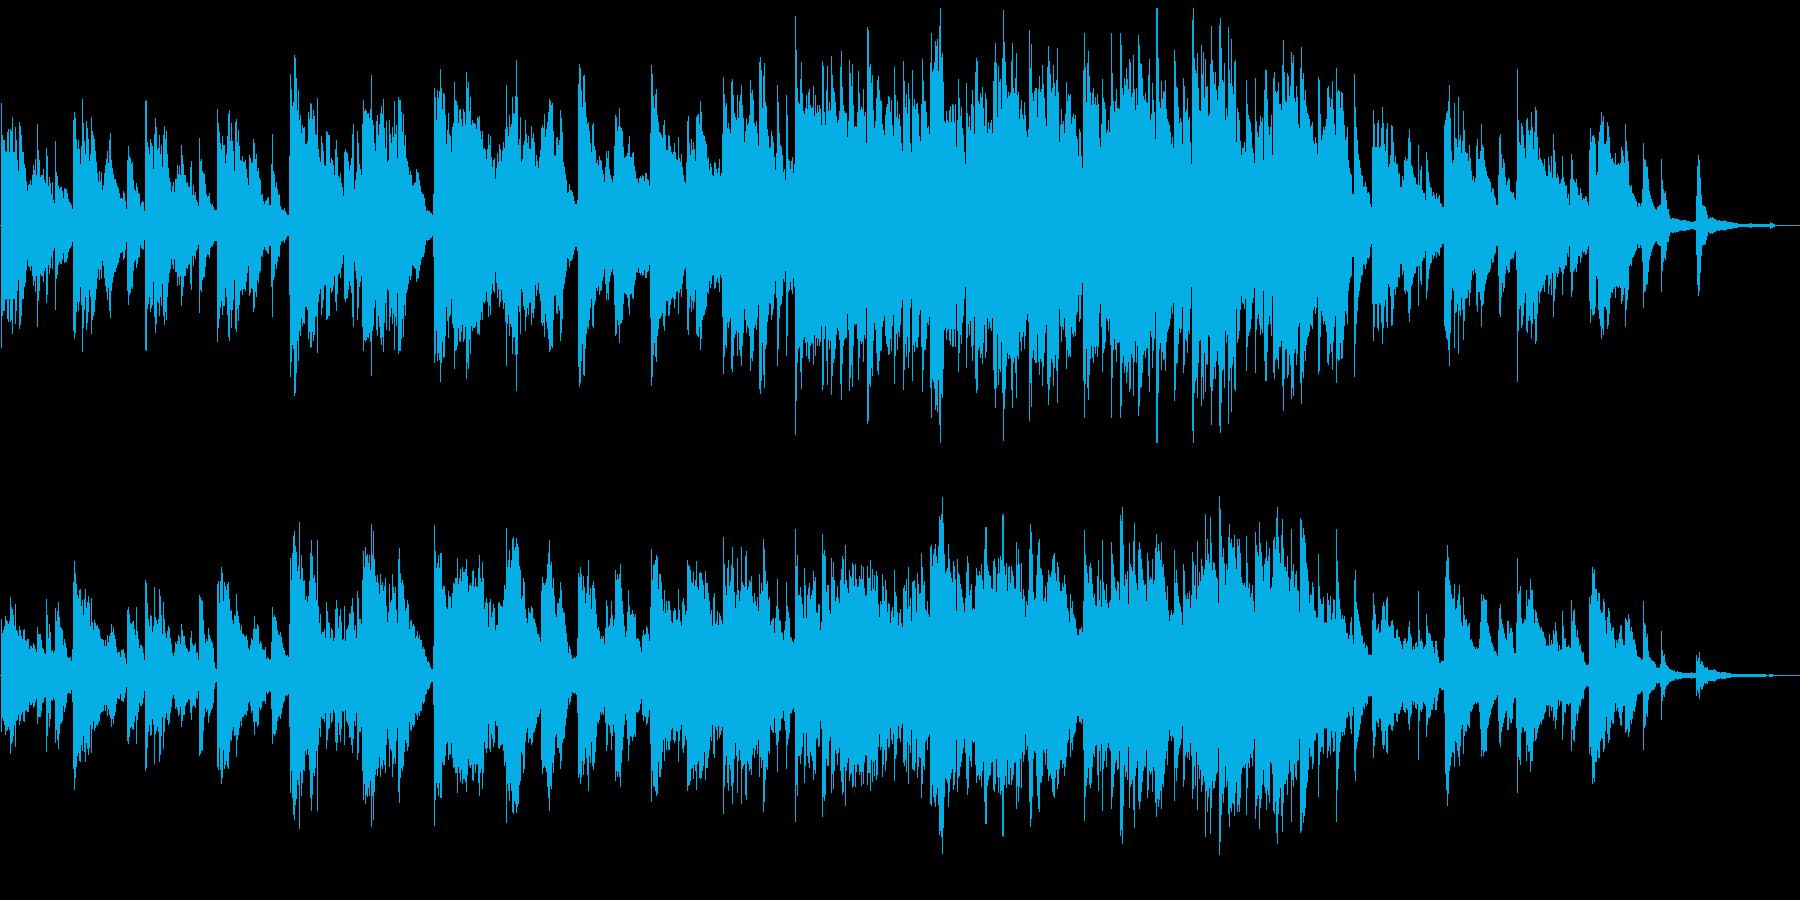 優しいピアノとストリングス曲の再生済みの波形